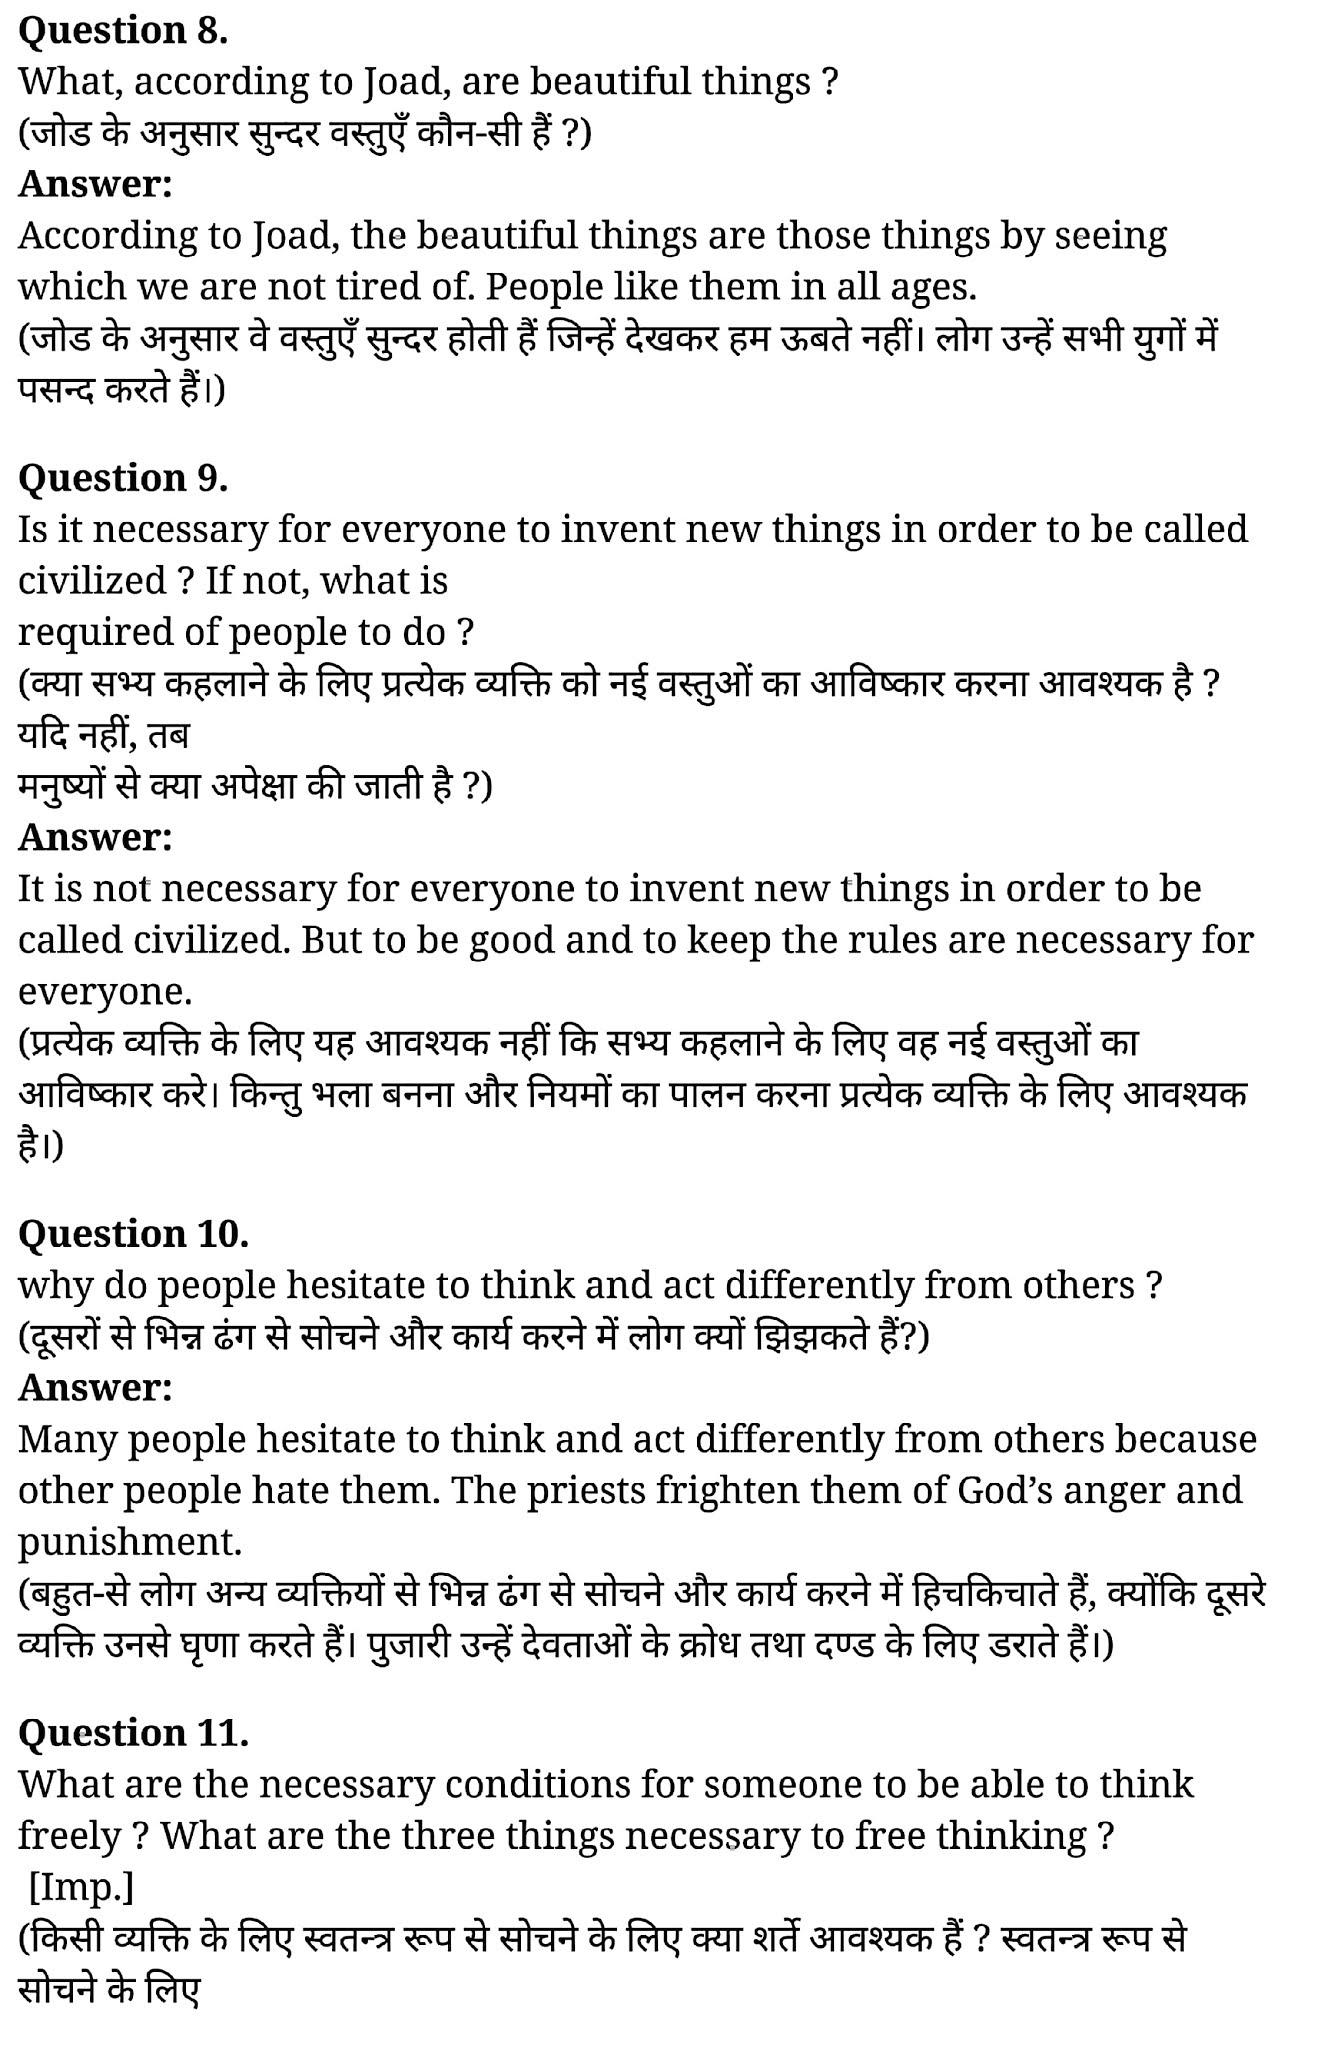 कक्षा 11 अंग्रेज़ी Prose अध्याय 6 , कक्षा 11 अंग्रेज़ी का Prose अध्याय 6 , कक्षा 11 अंग्रेज़ी  के Prose अध्याय 6  के नोट्स हिंदी में,